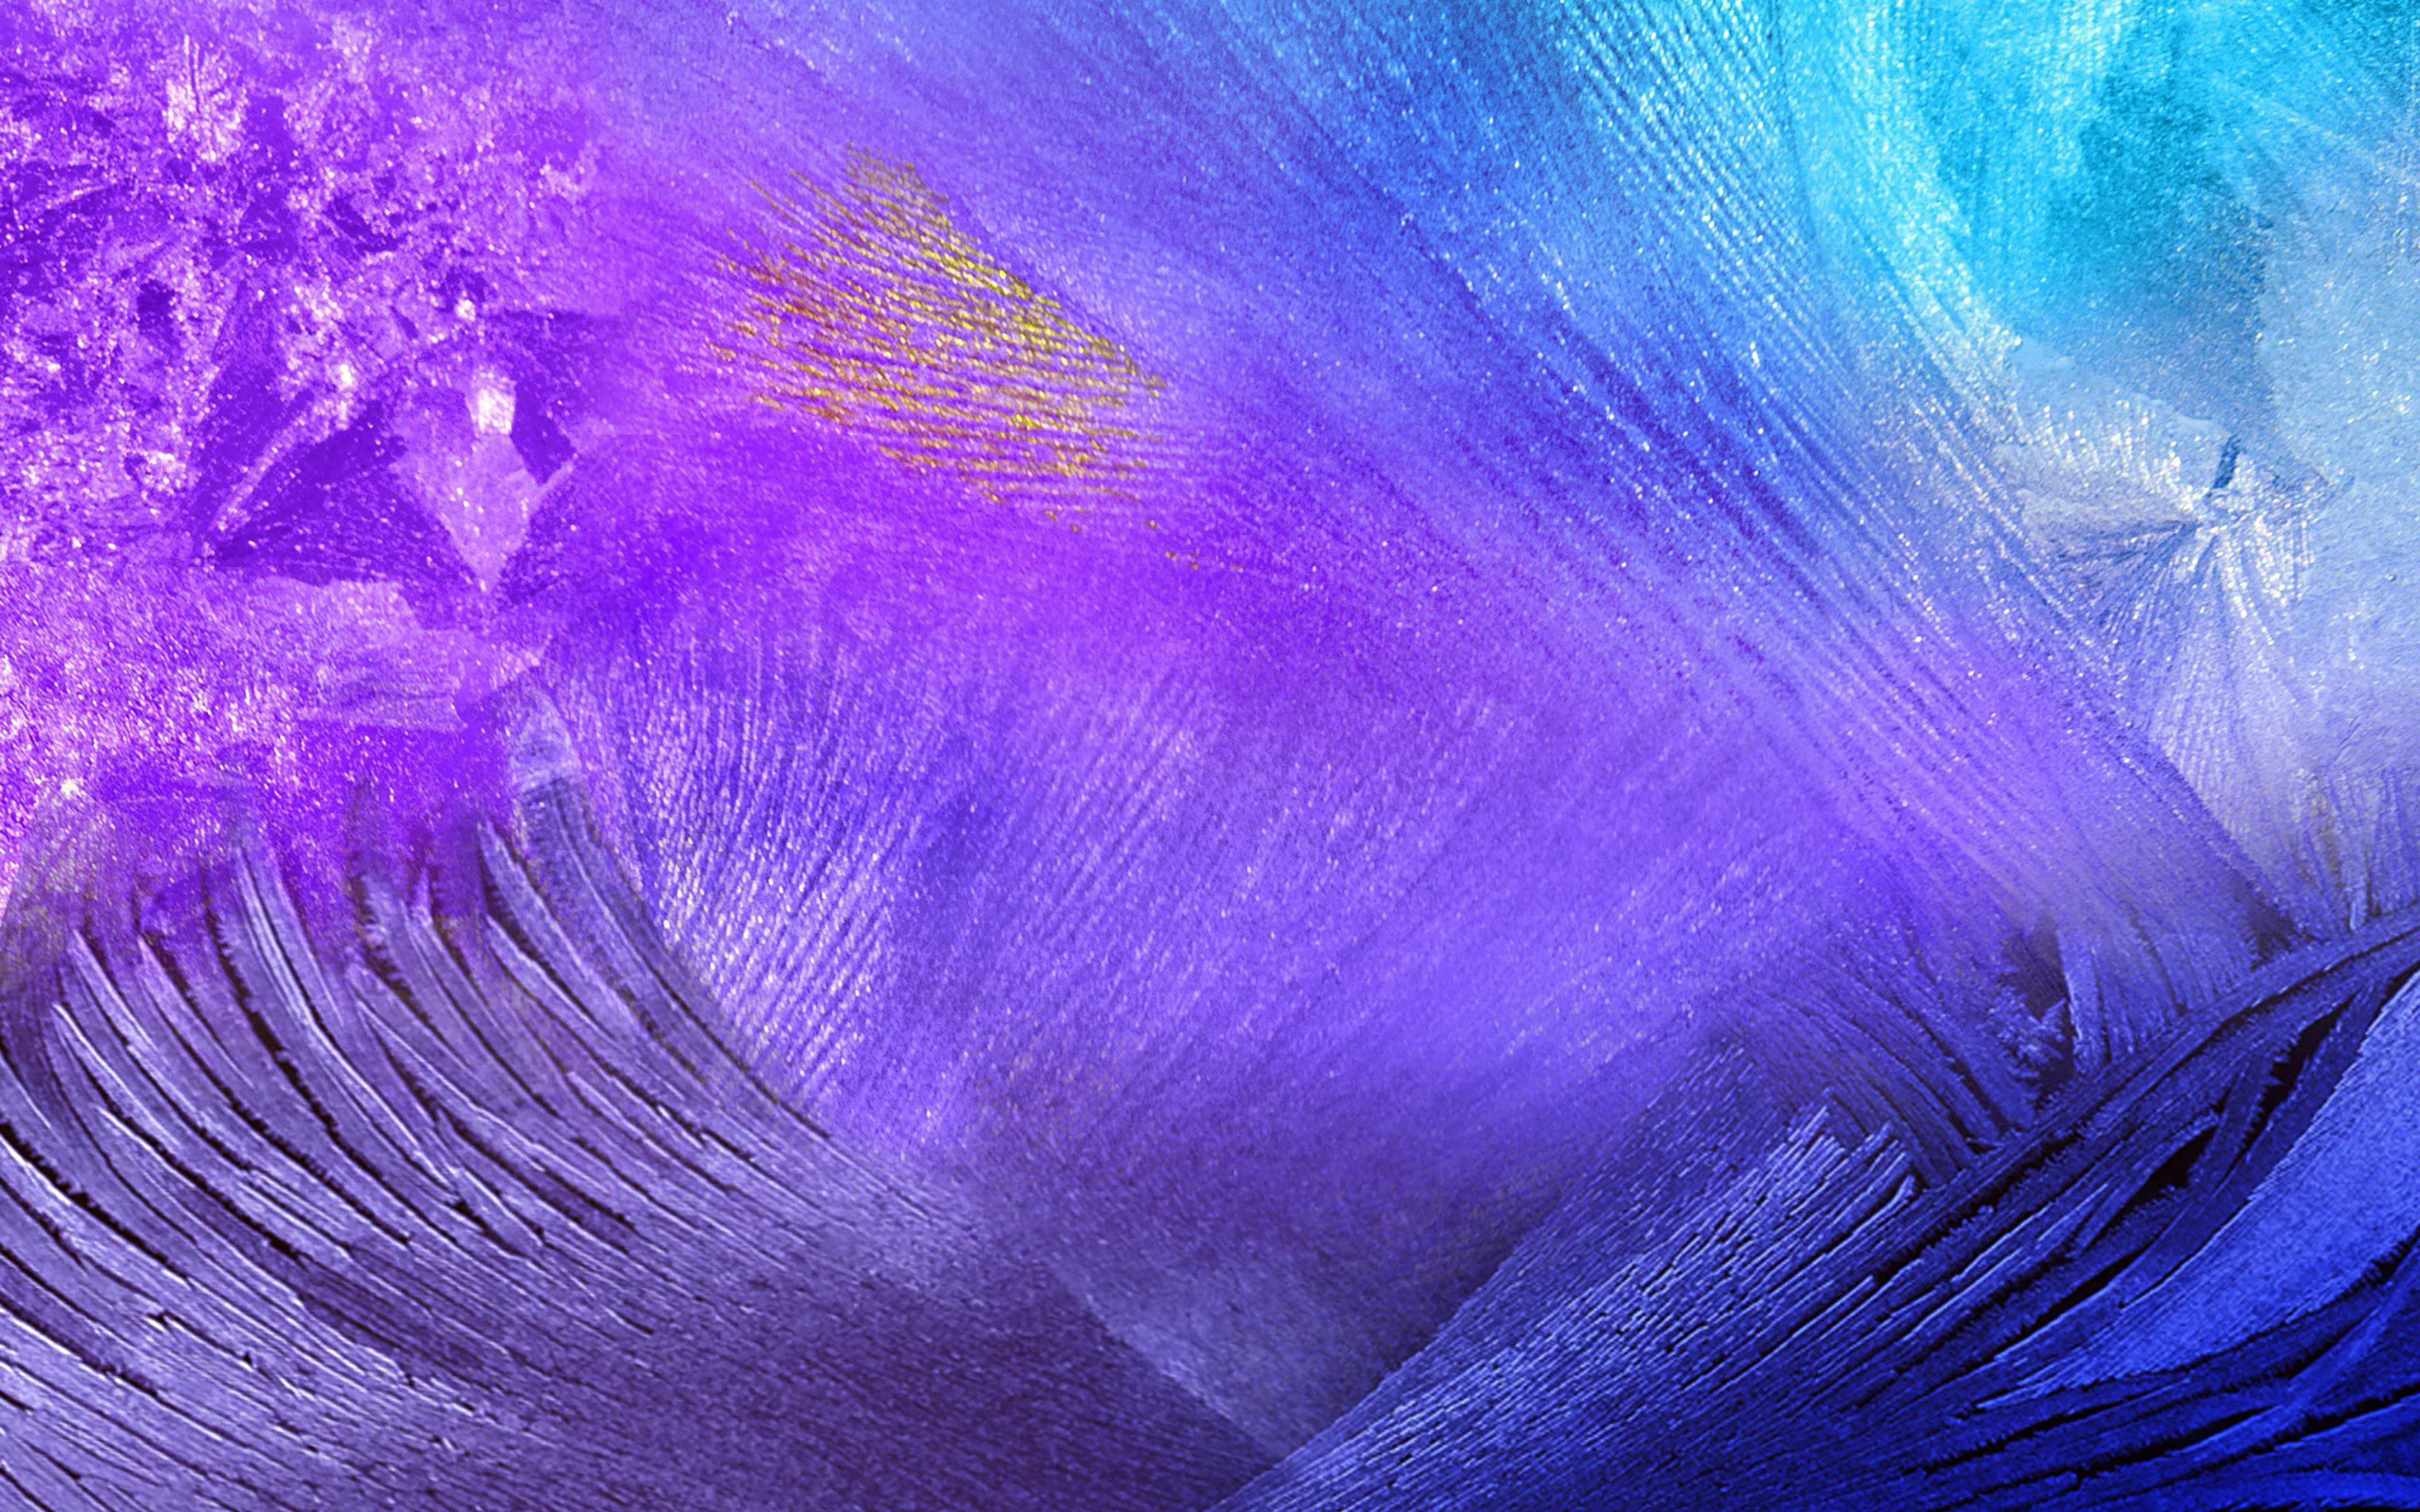 Fondos de pantalla Plumas de ave abstractas